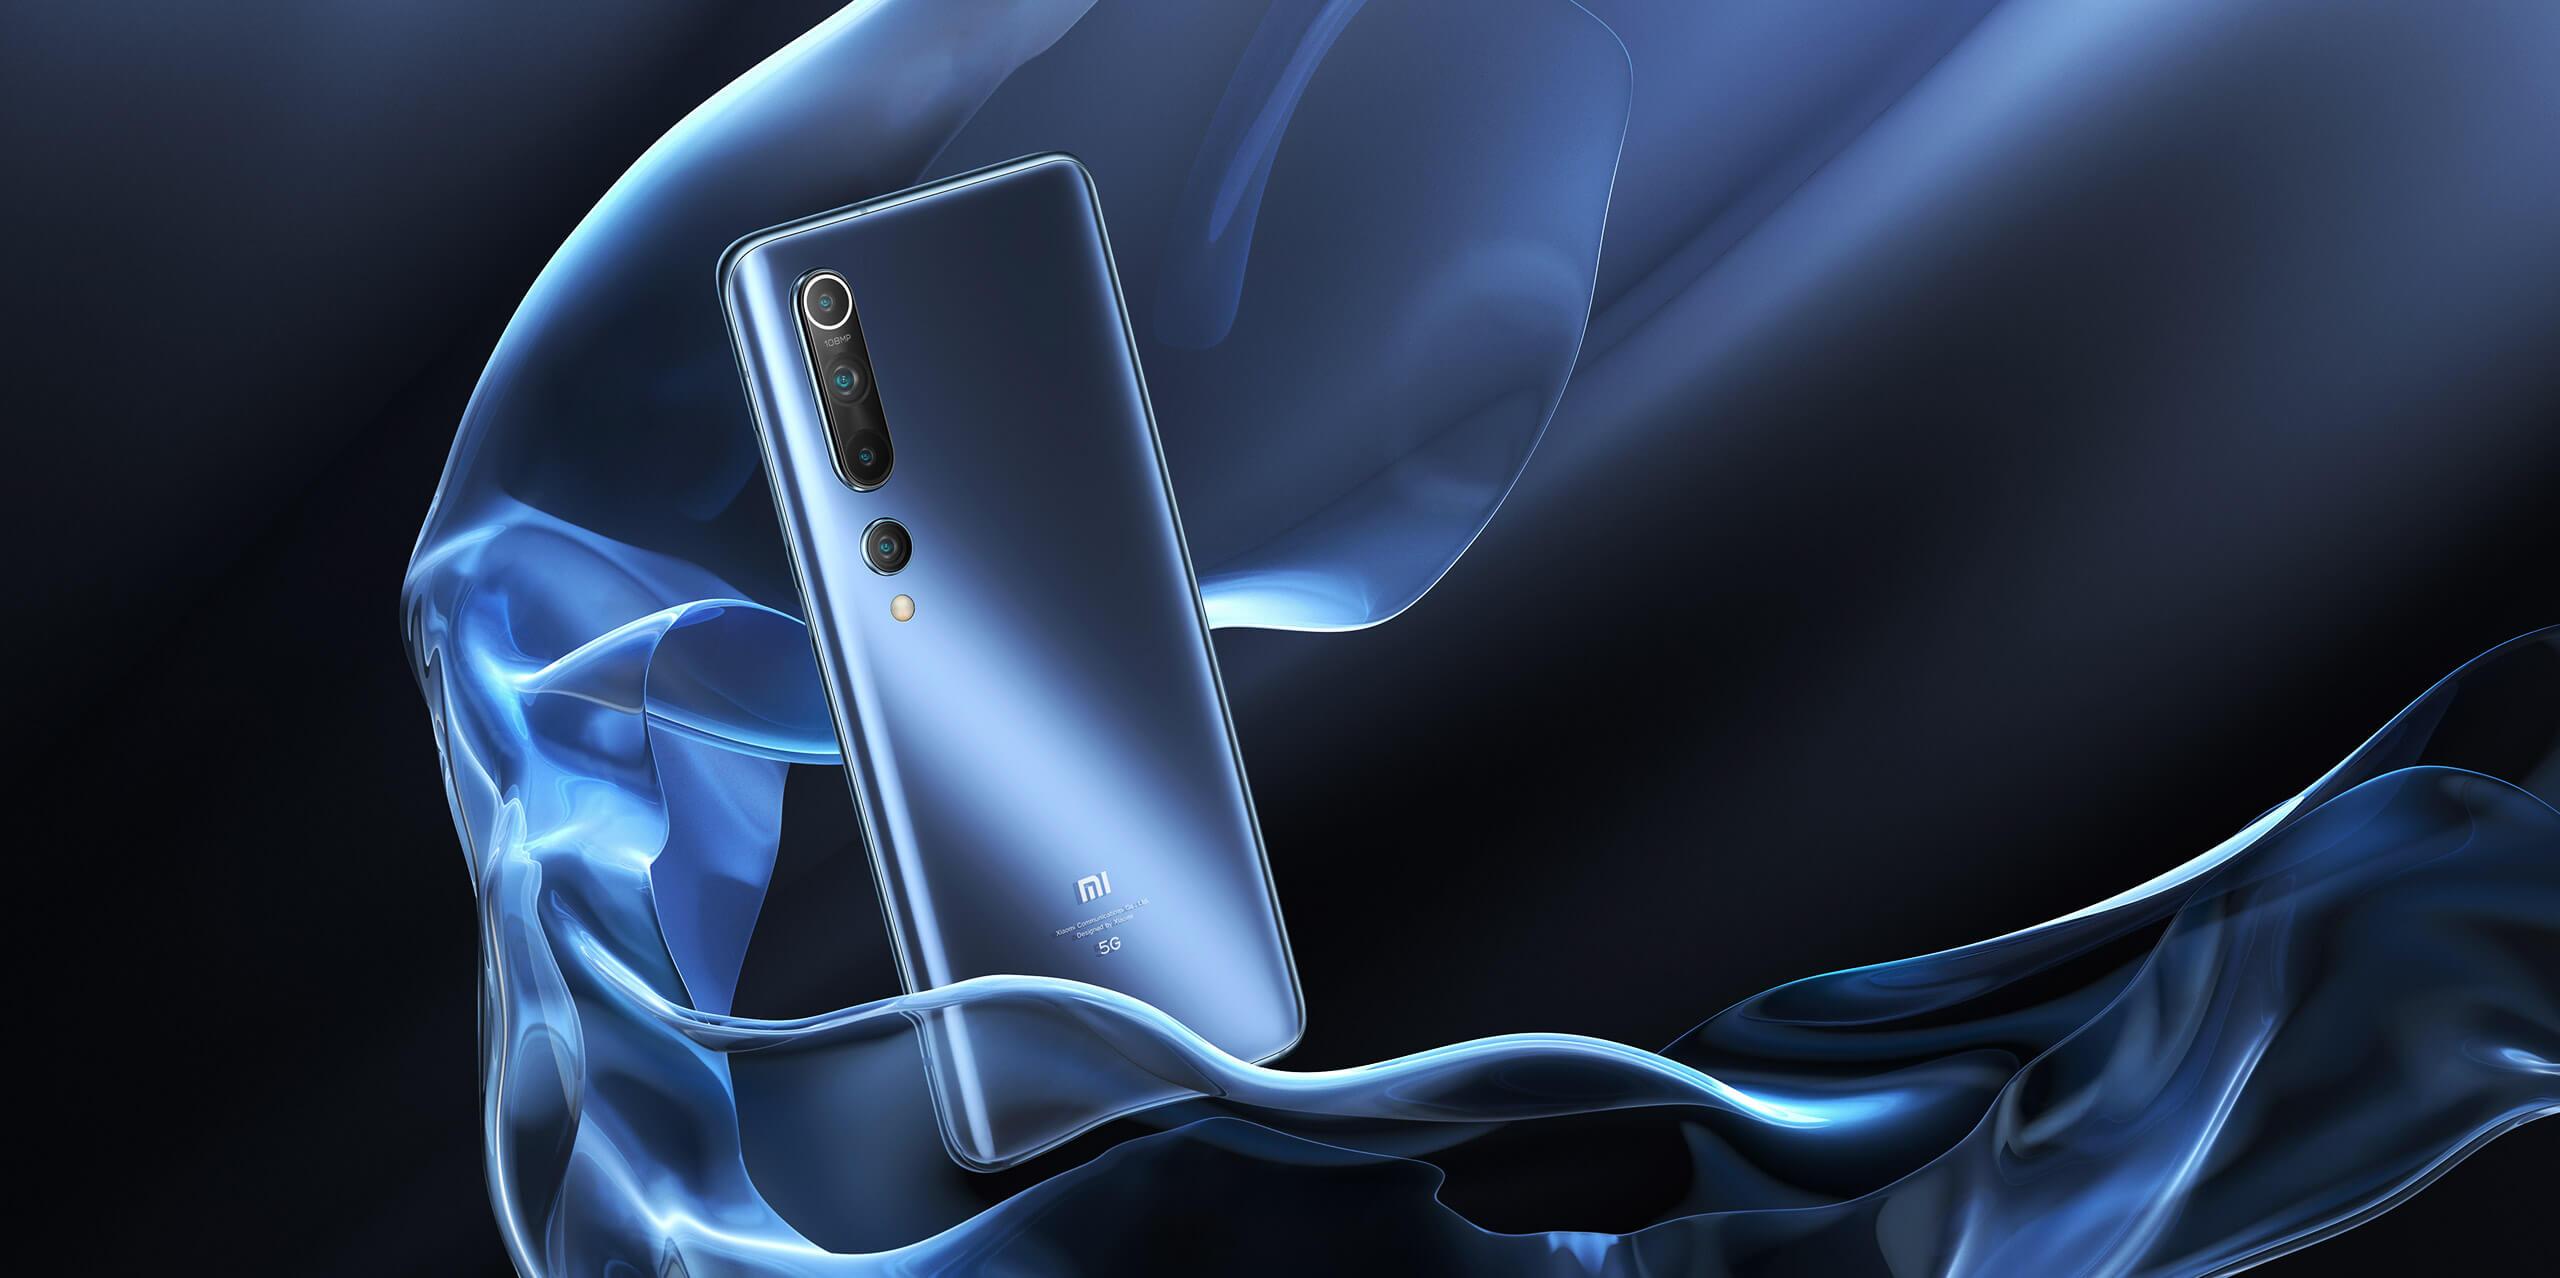 Xiaomi Mi 10 สมาร์ทโฟนเรือธงน่าจับตามองแห่งปี 2021 จาก Xiaomi